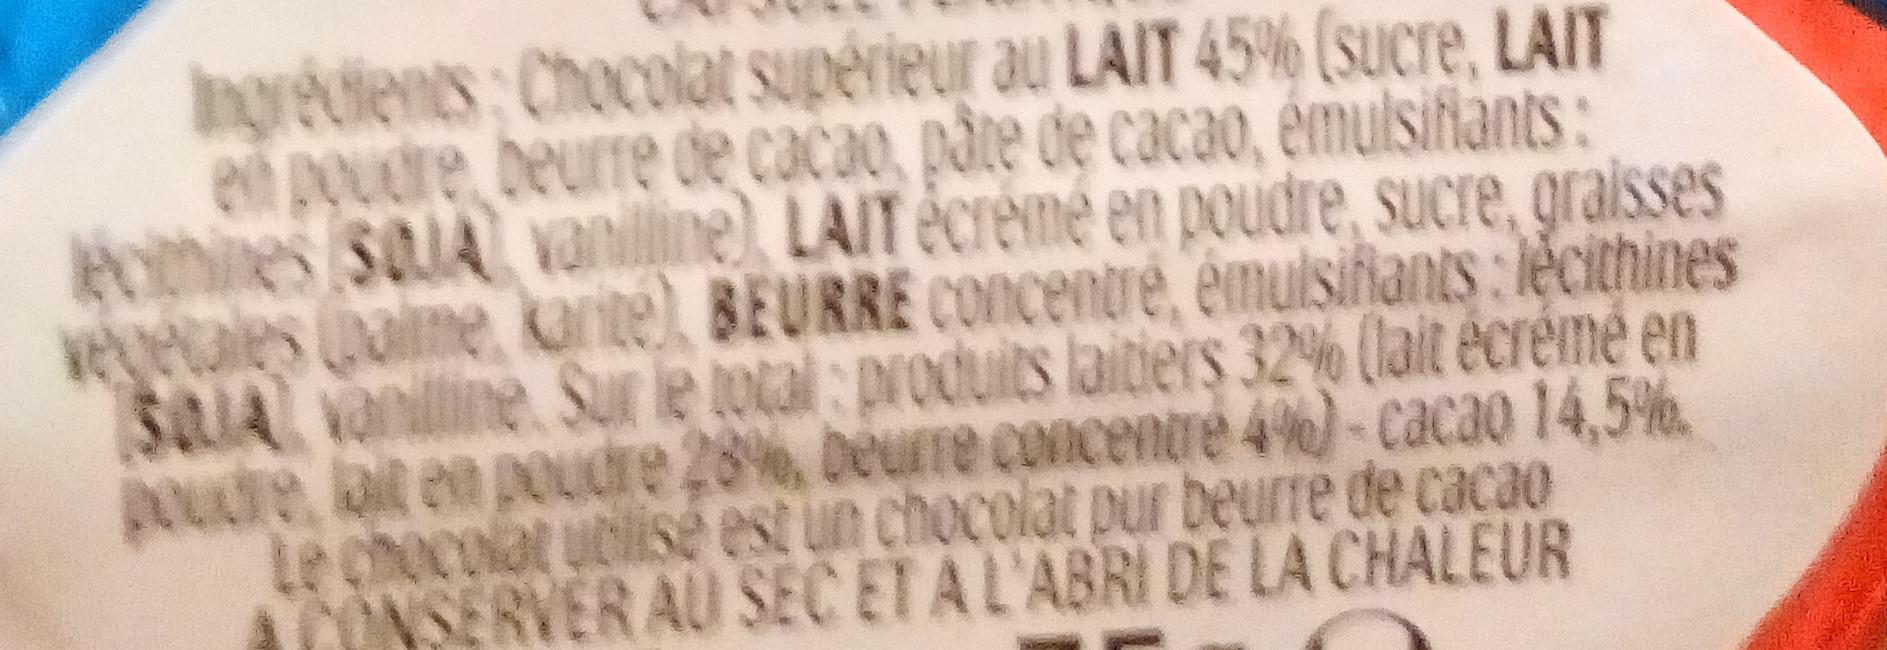 Moulage lapin kinder surprise - Ingredienti - fr